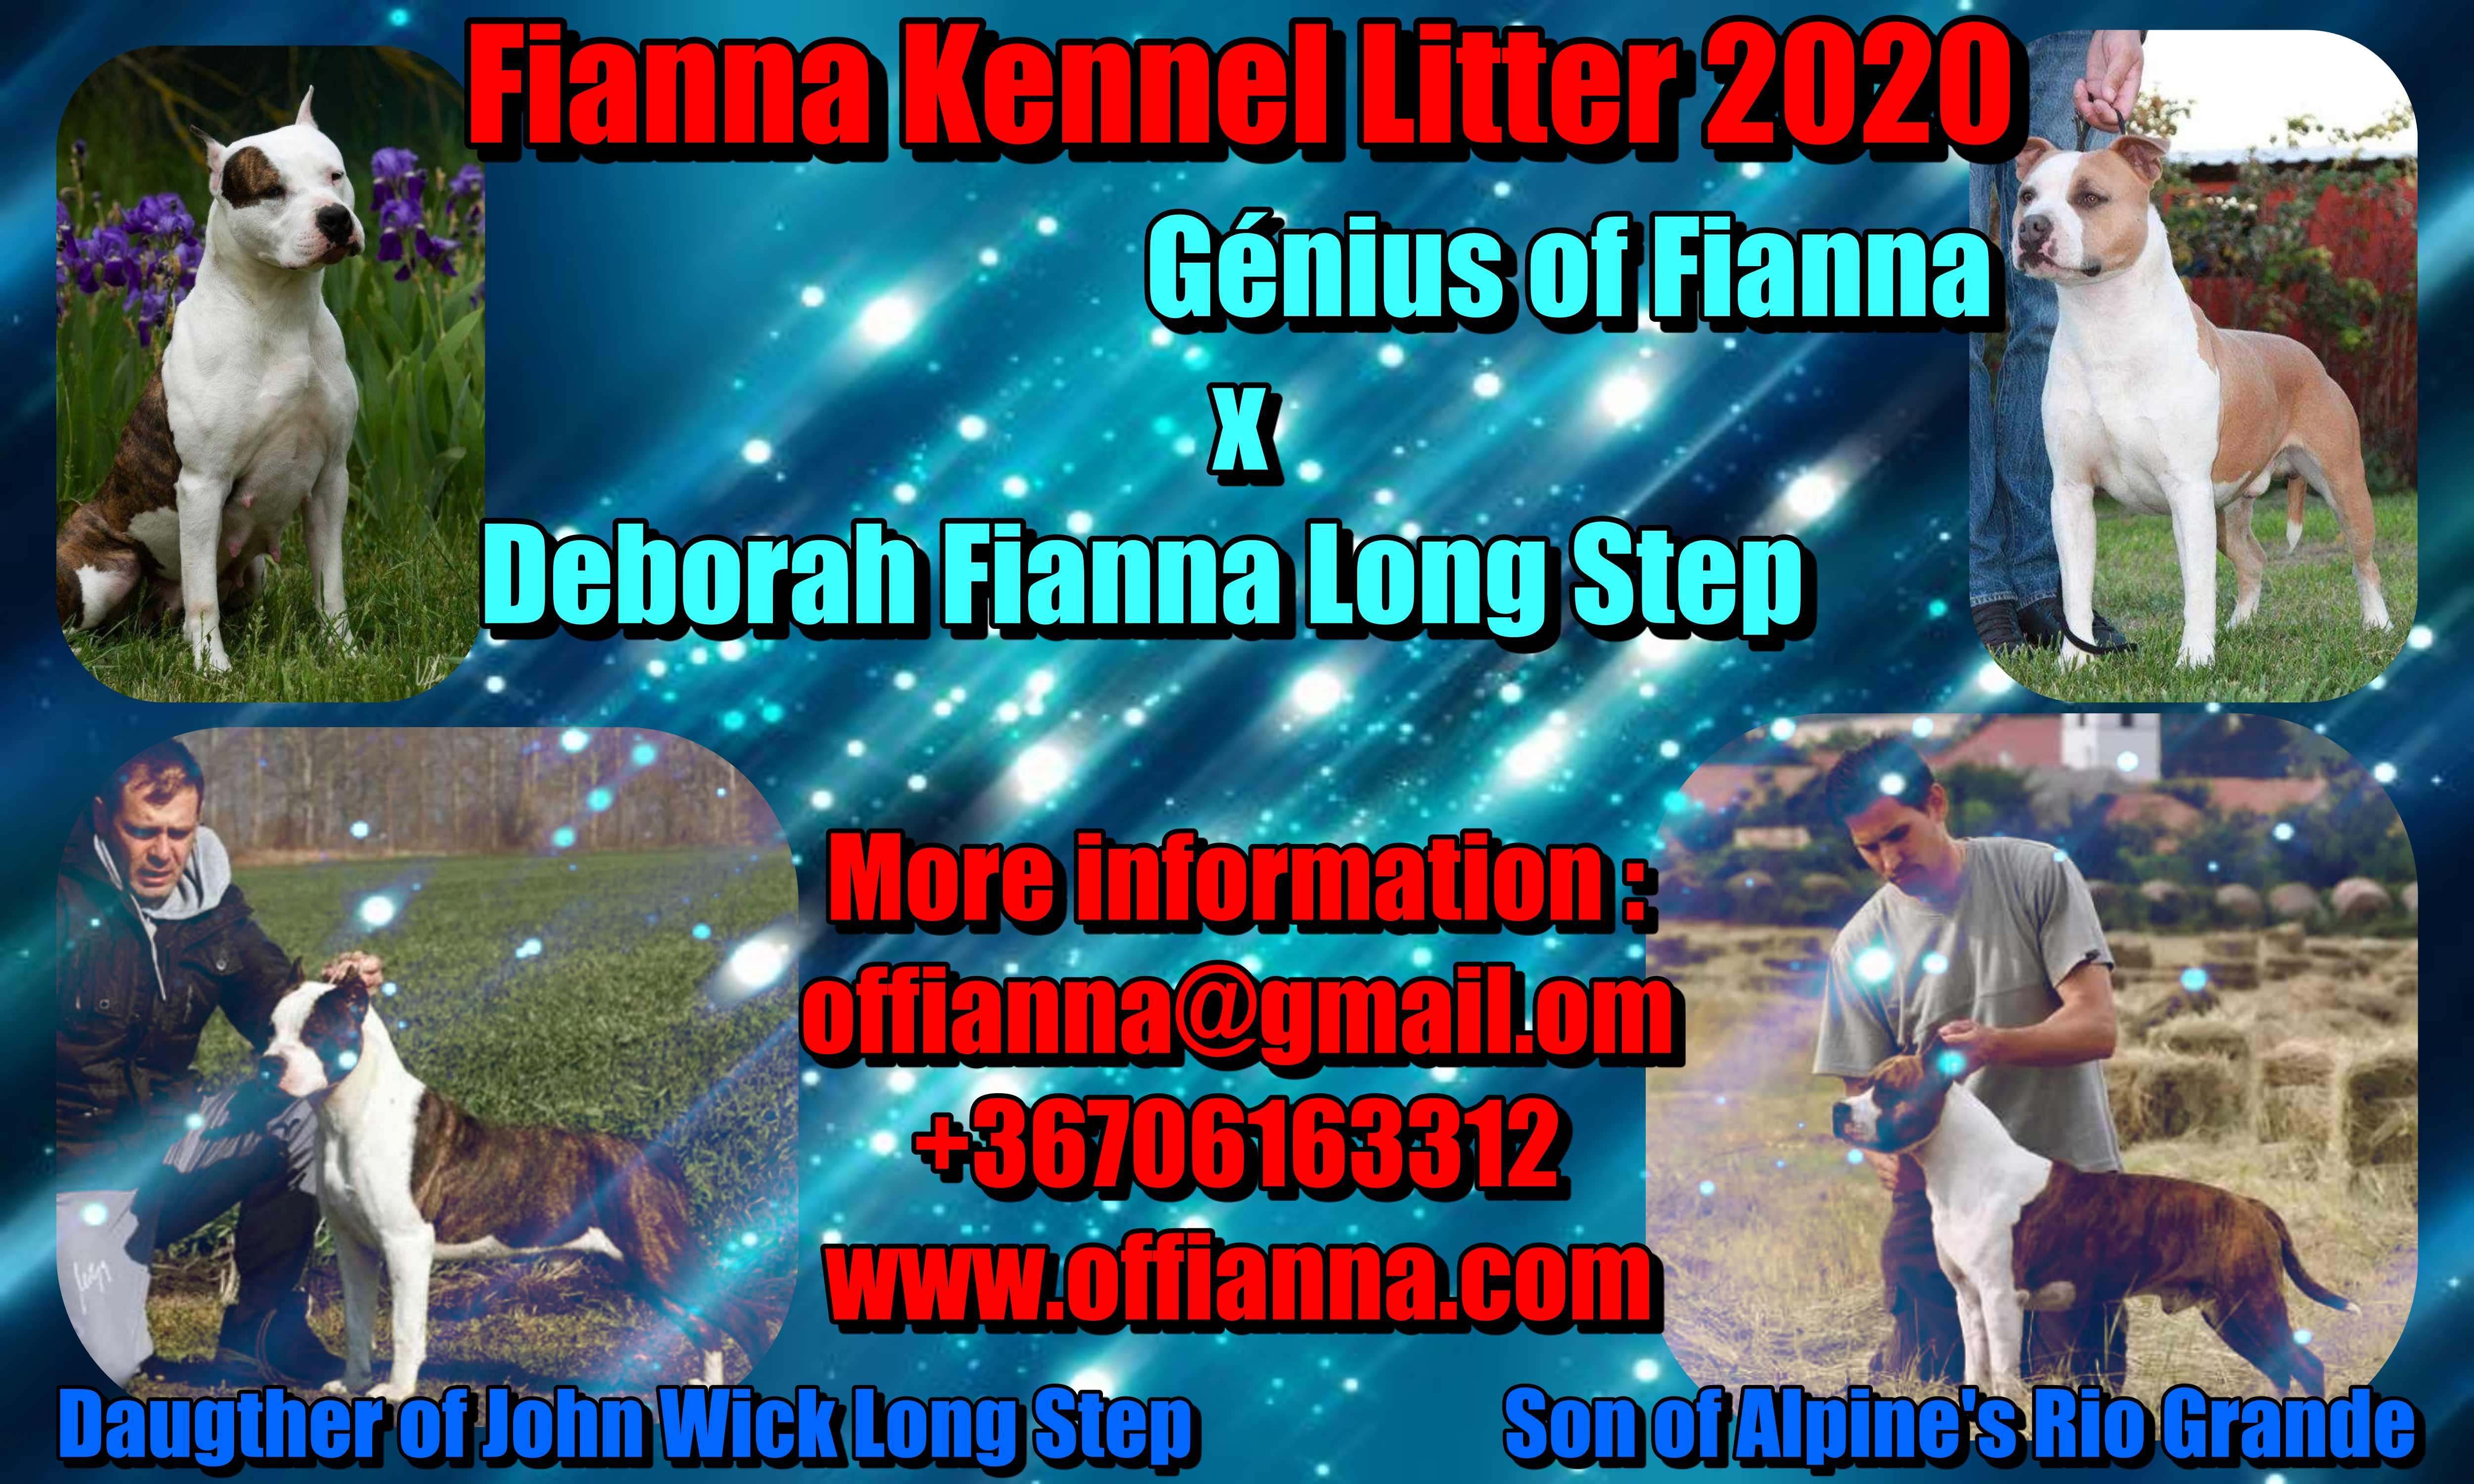 Fianna Kennel Litter 2020